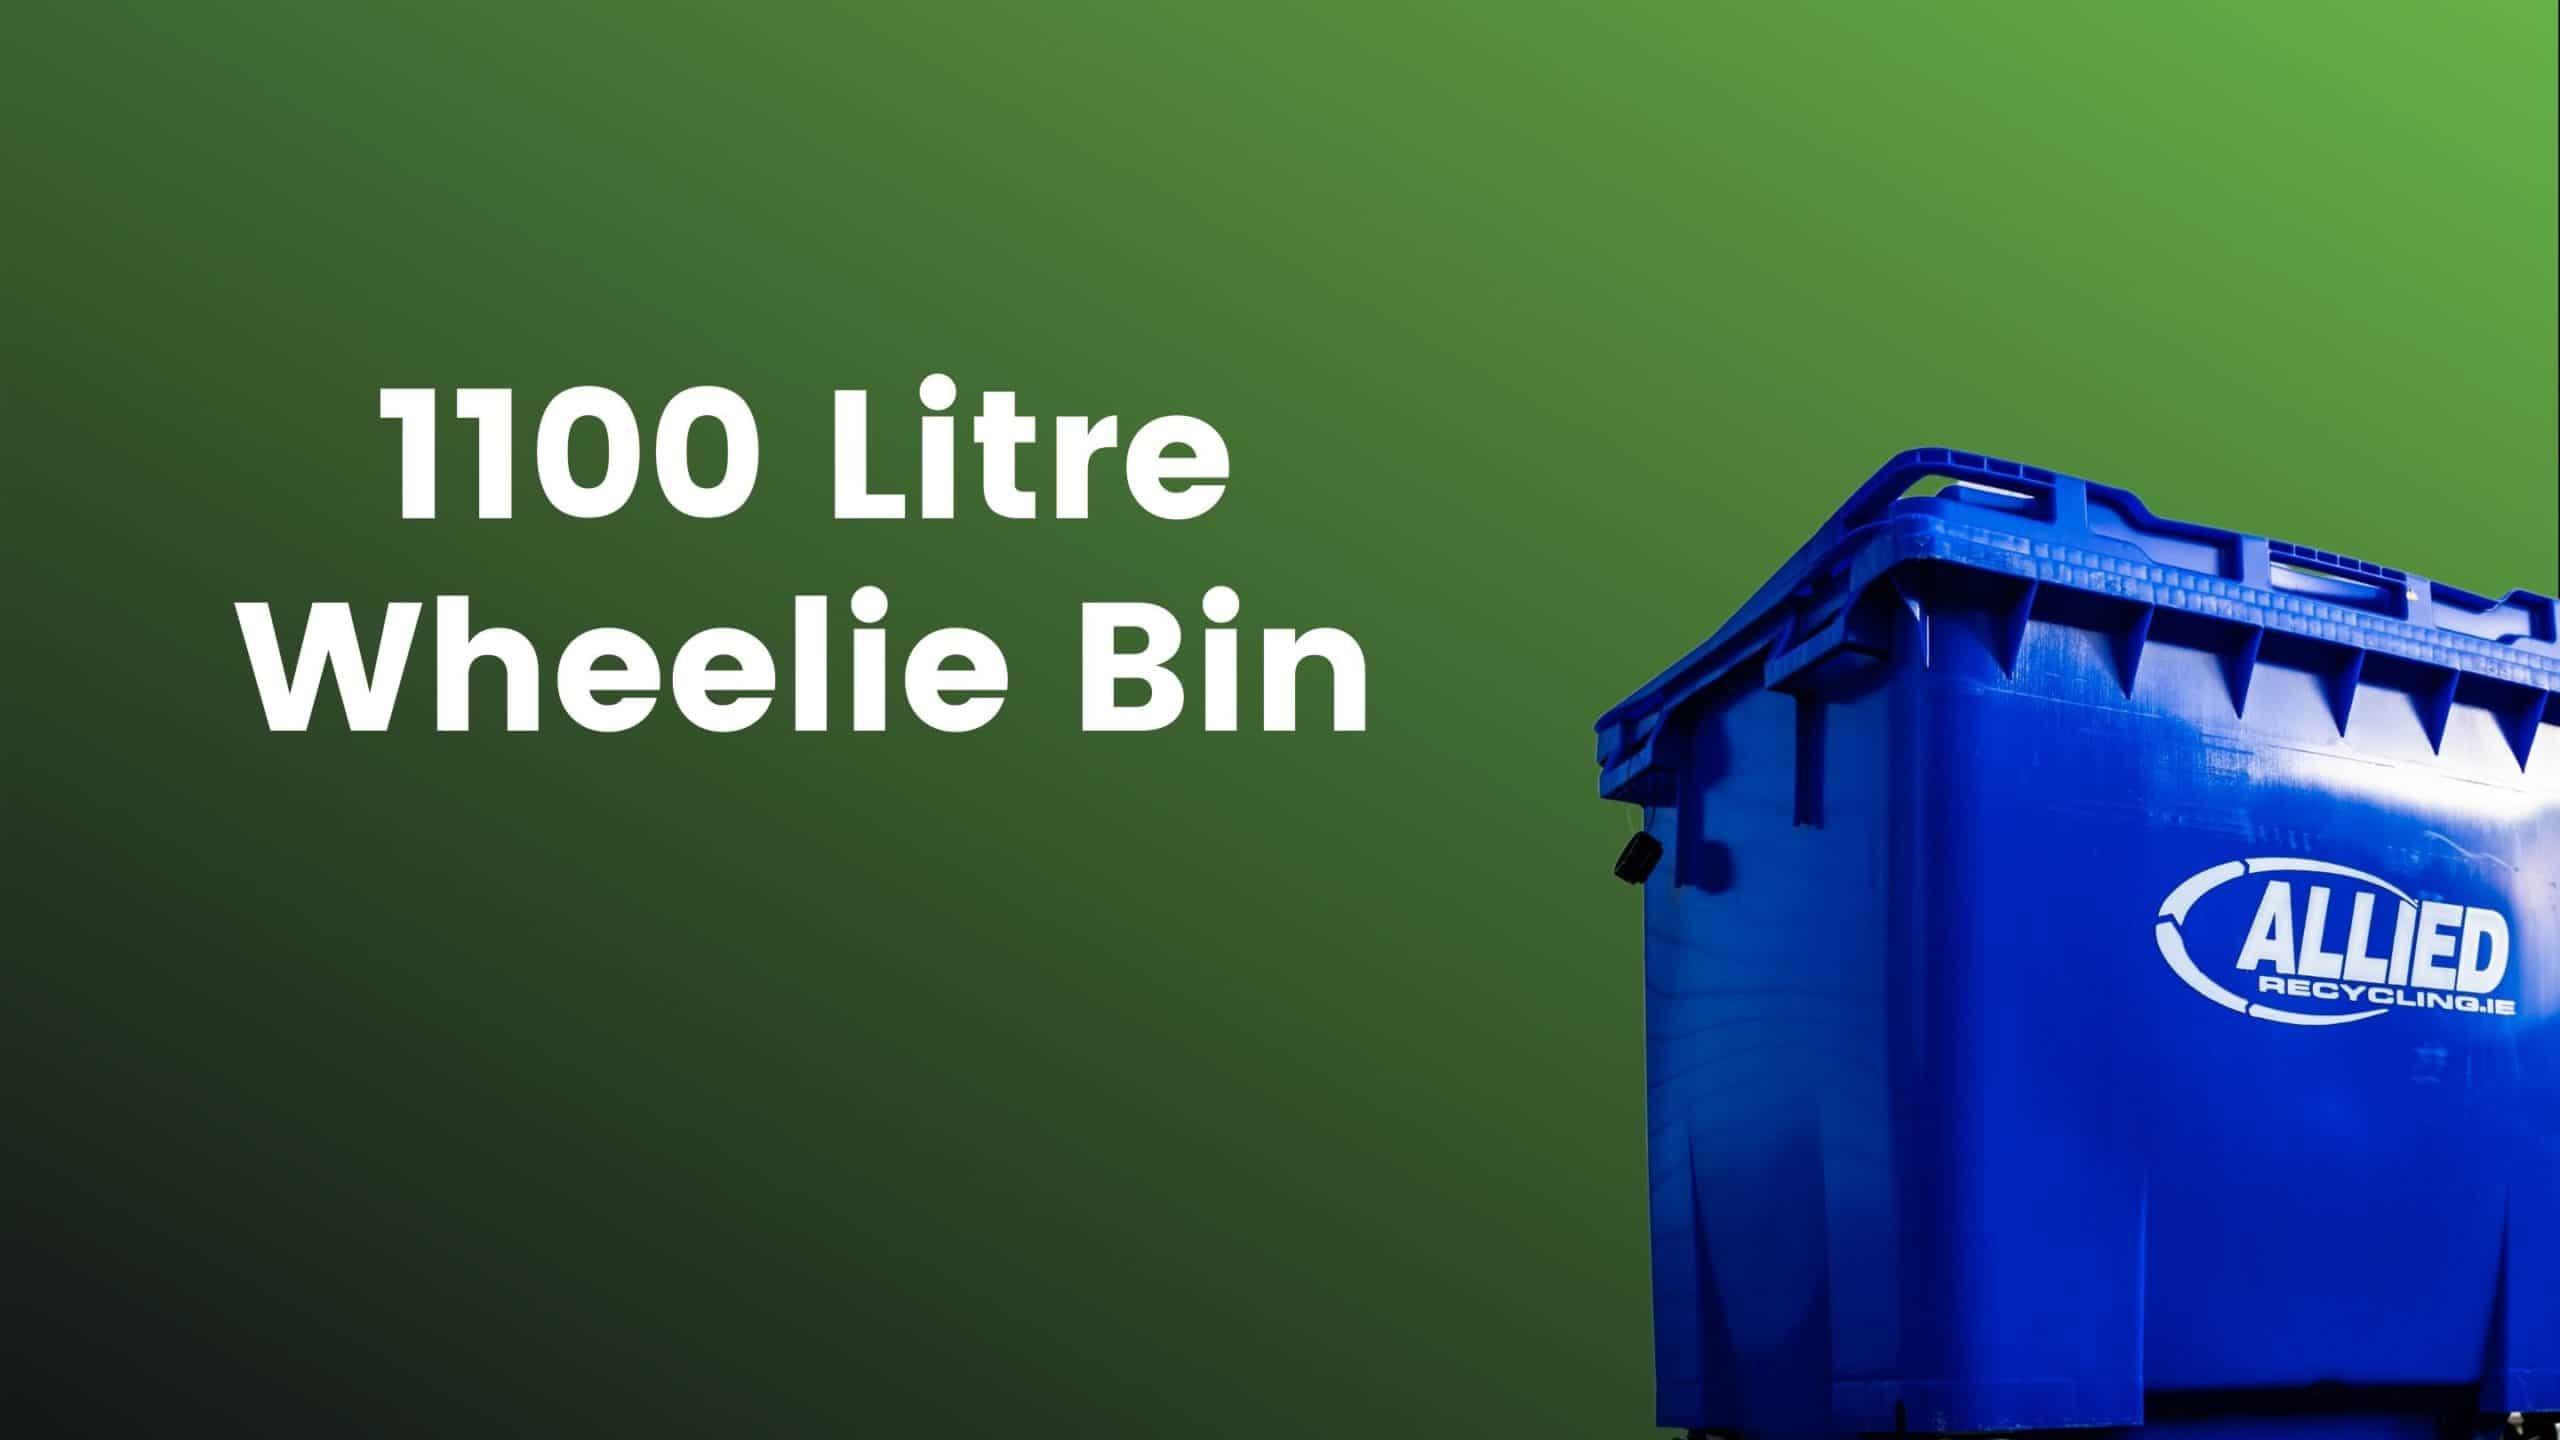 Allied blue bin